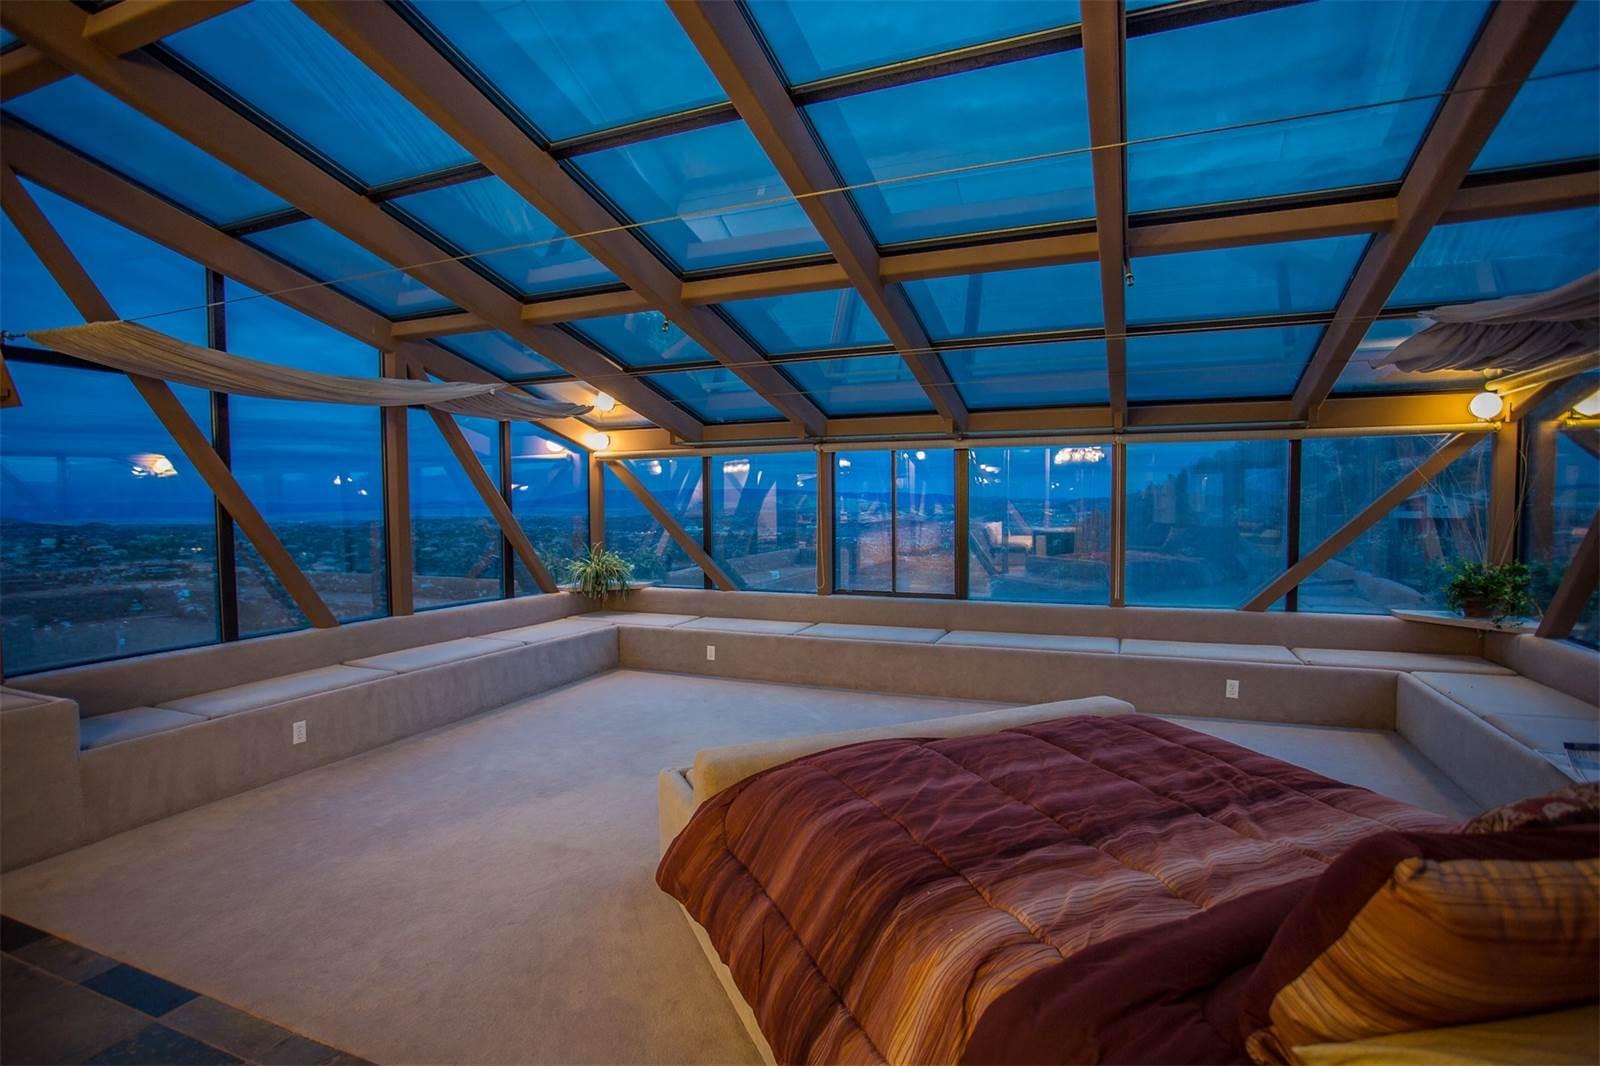 В спальнях установлены стеклянные потолки истены, призванные давать какможно больше естественного освещения иоткрывать панораму «на 100 миль вокруг»